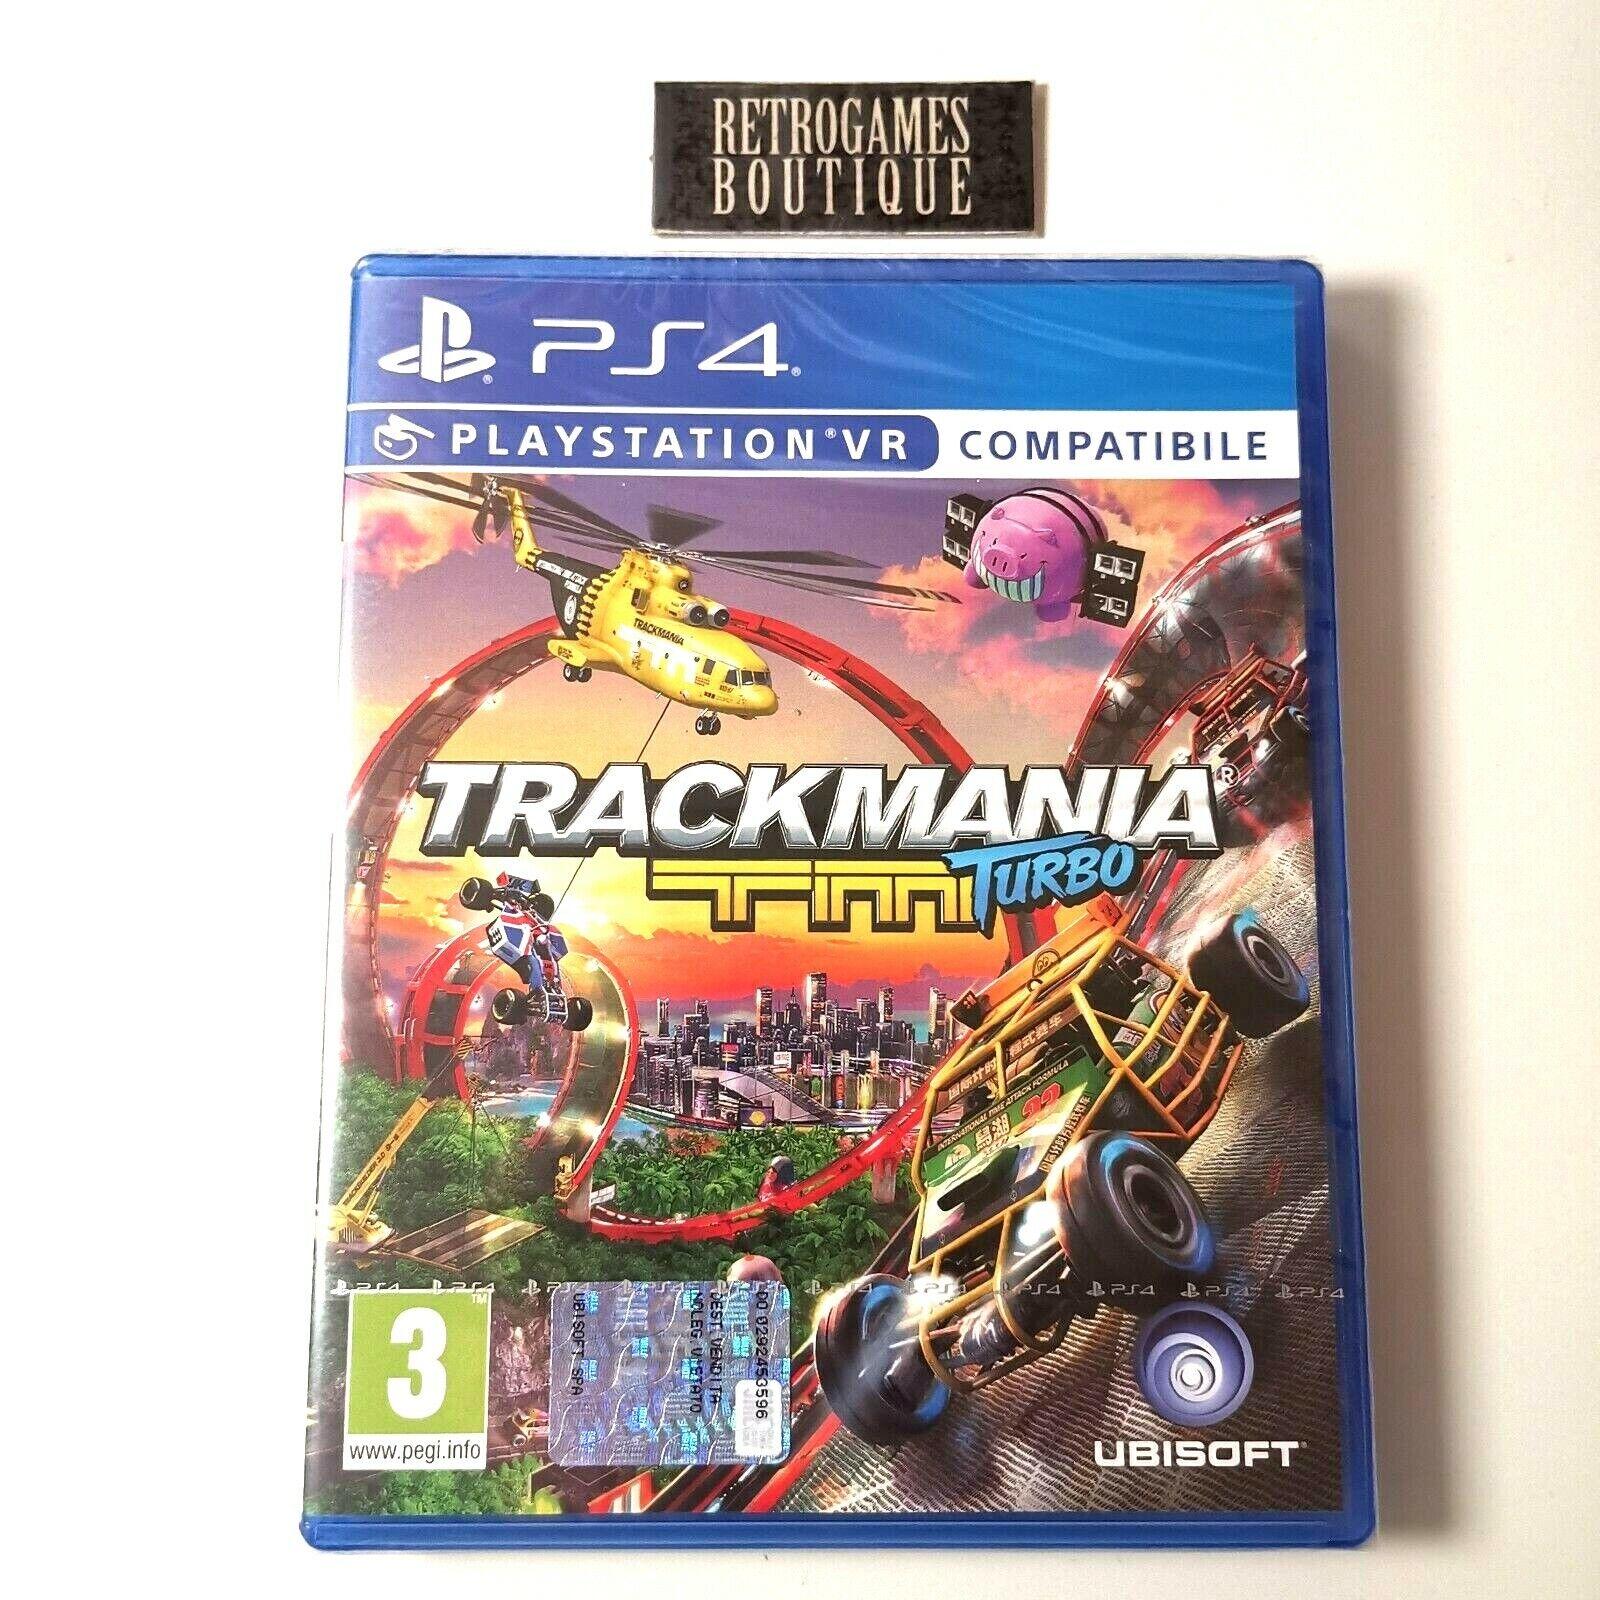 Trackmania Turbo PS4 PLAYSTATION 4 ITALIANO New Sealed